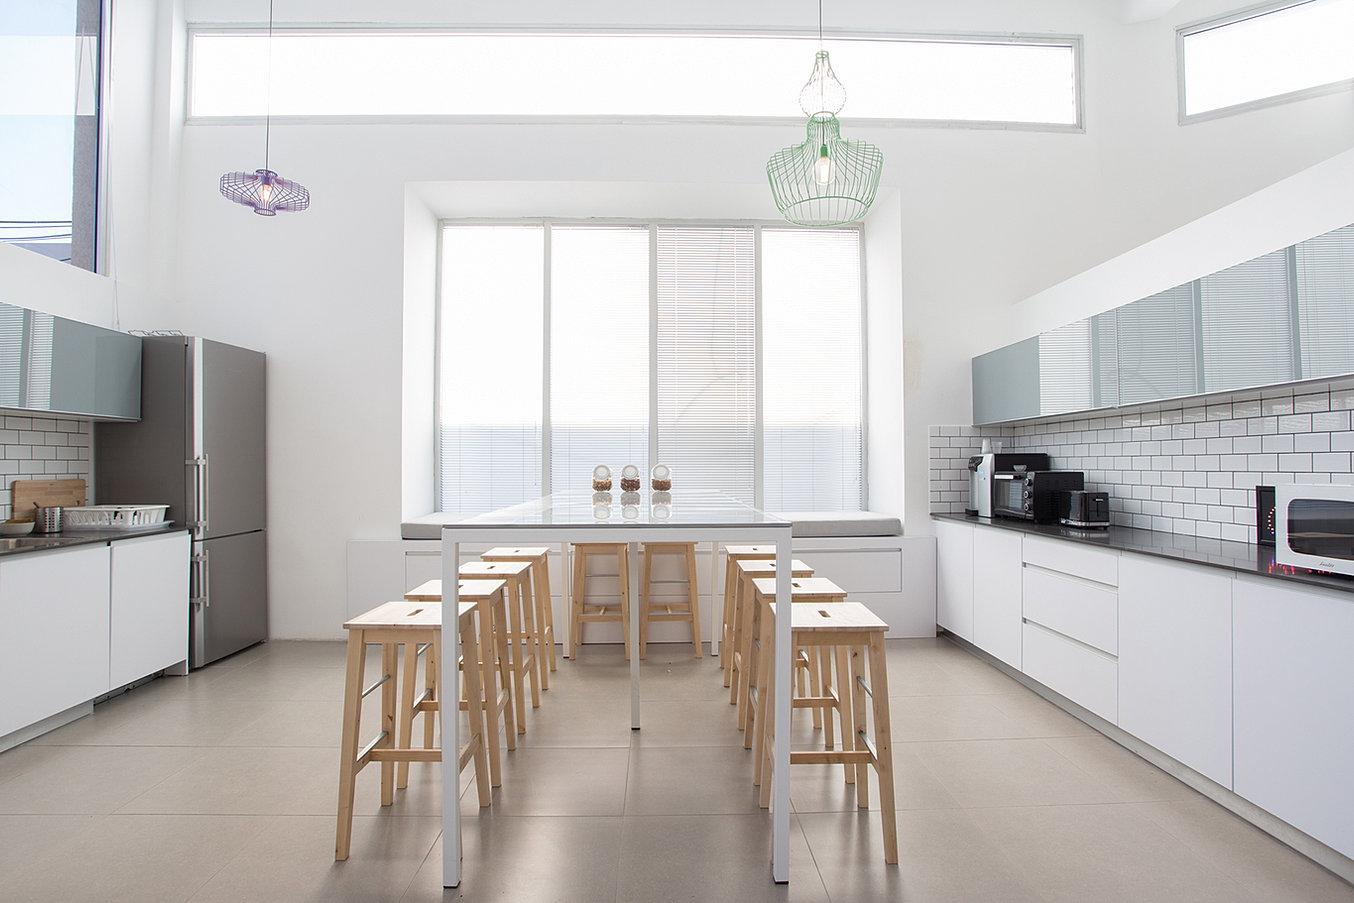 dekorative und strapazierf hige k chenfliesen. Black Bedroom Furniture Sets. Home Design Ideas